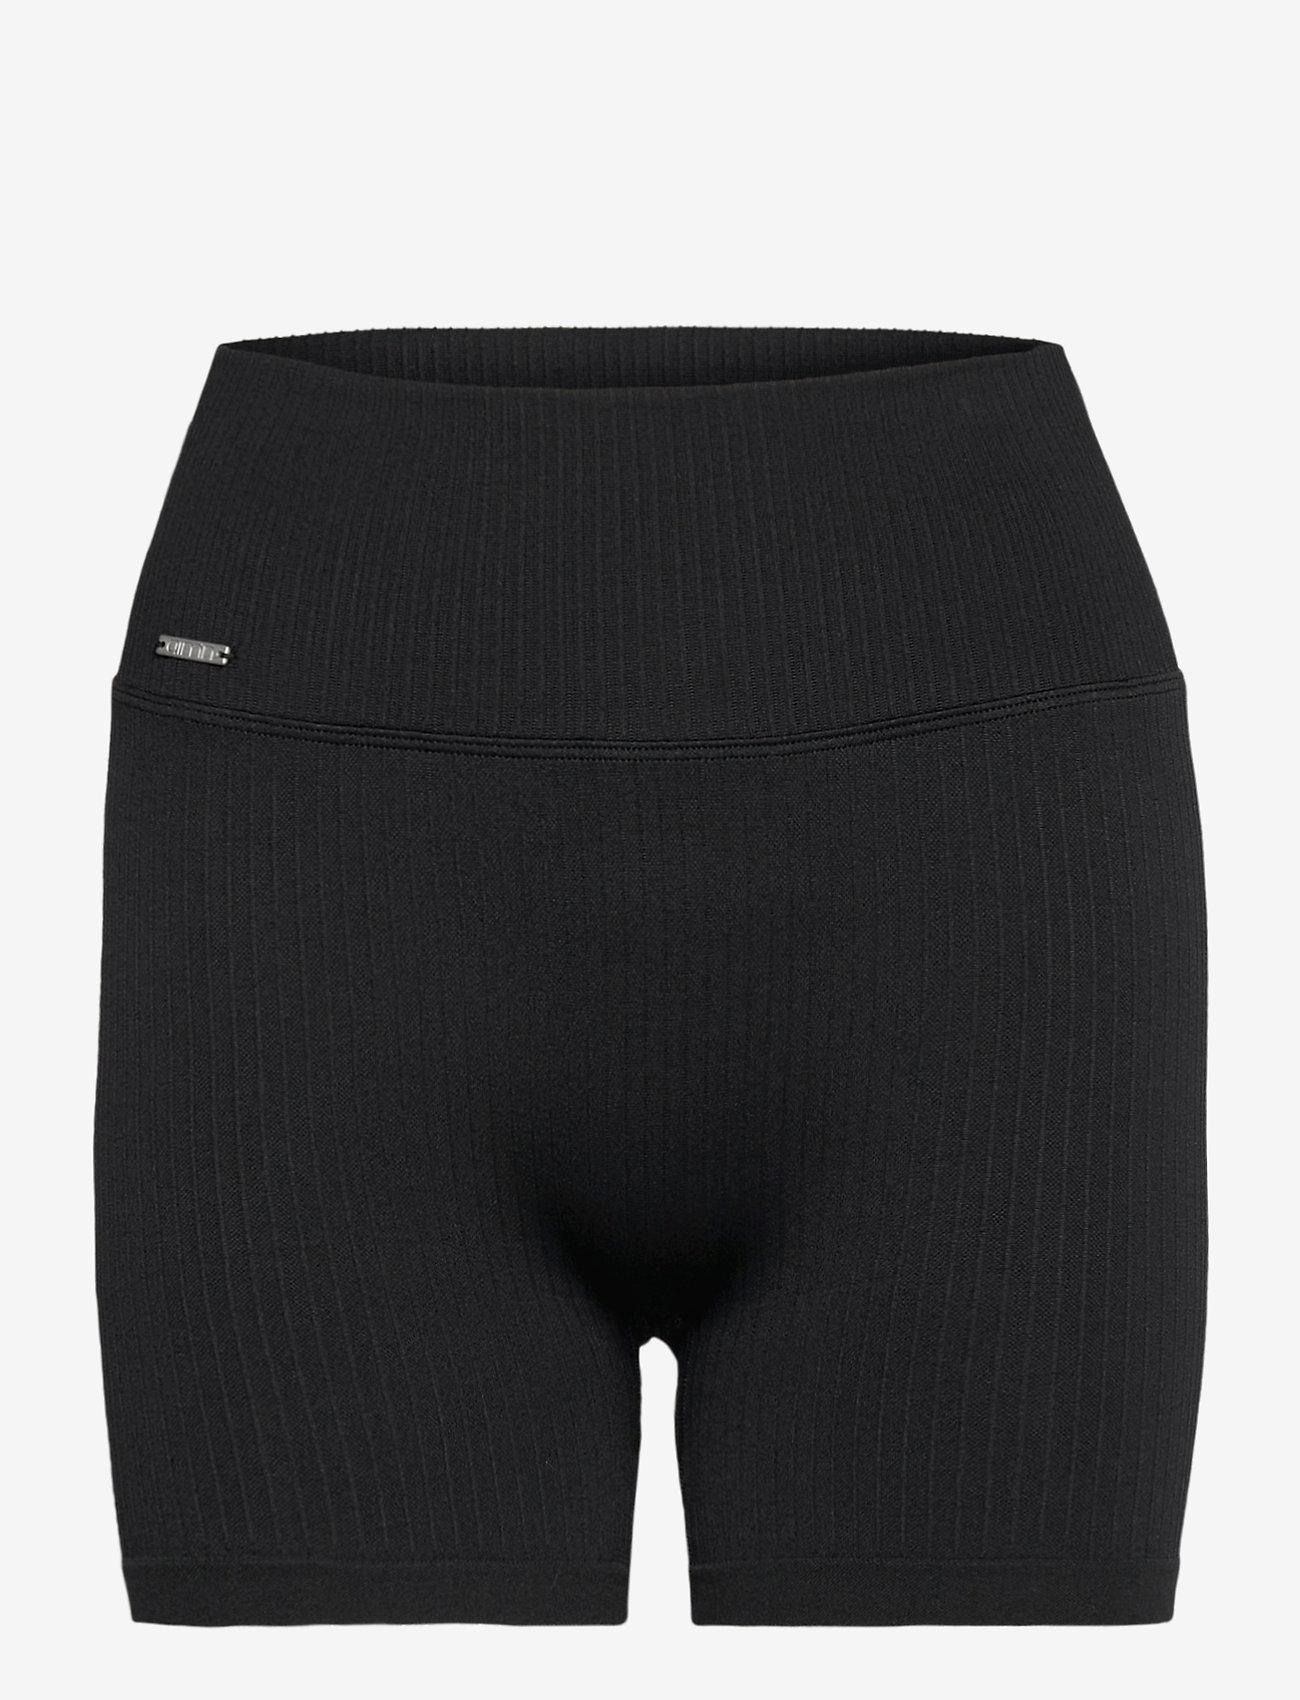 AIM'N - Black Ribbed Midi Biker Shorts - träningsshorts - black - 0